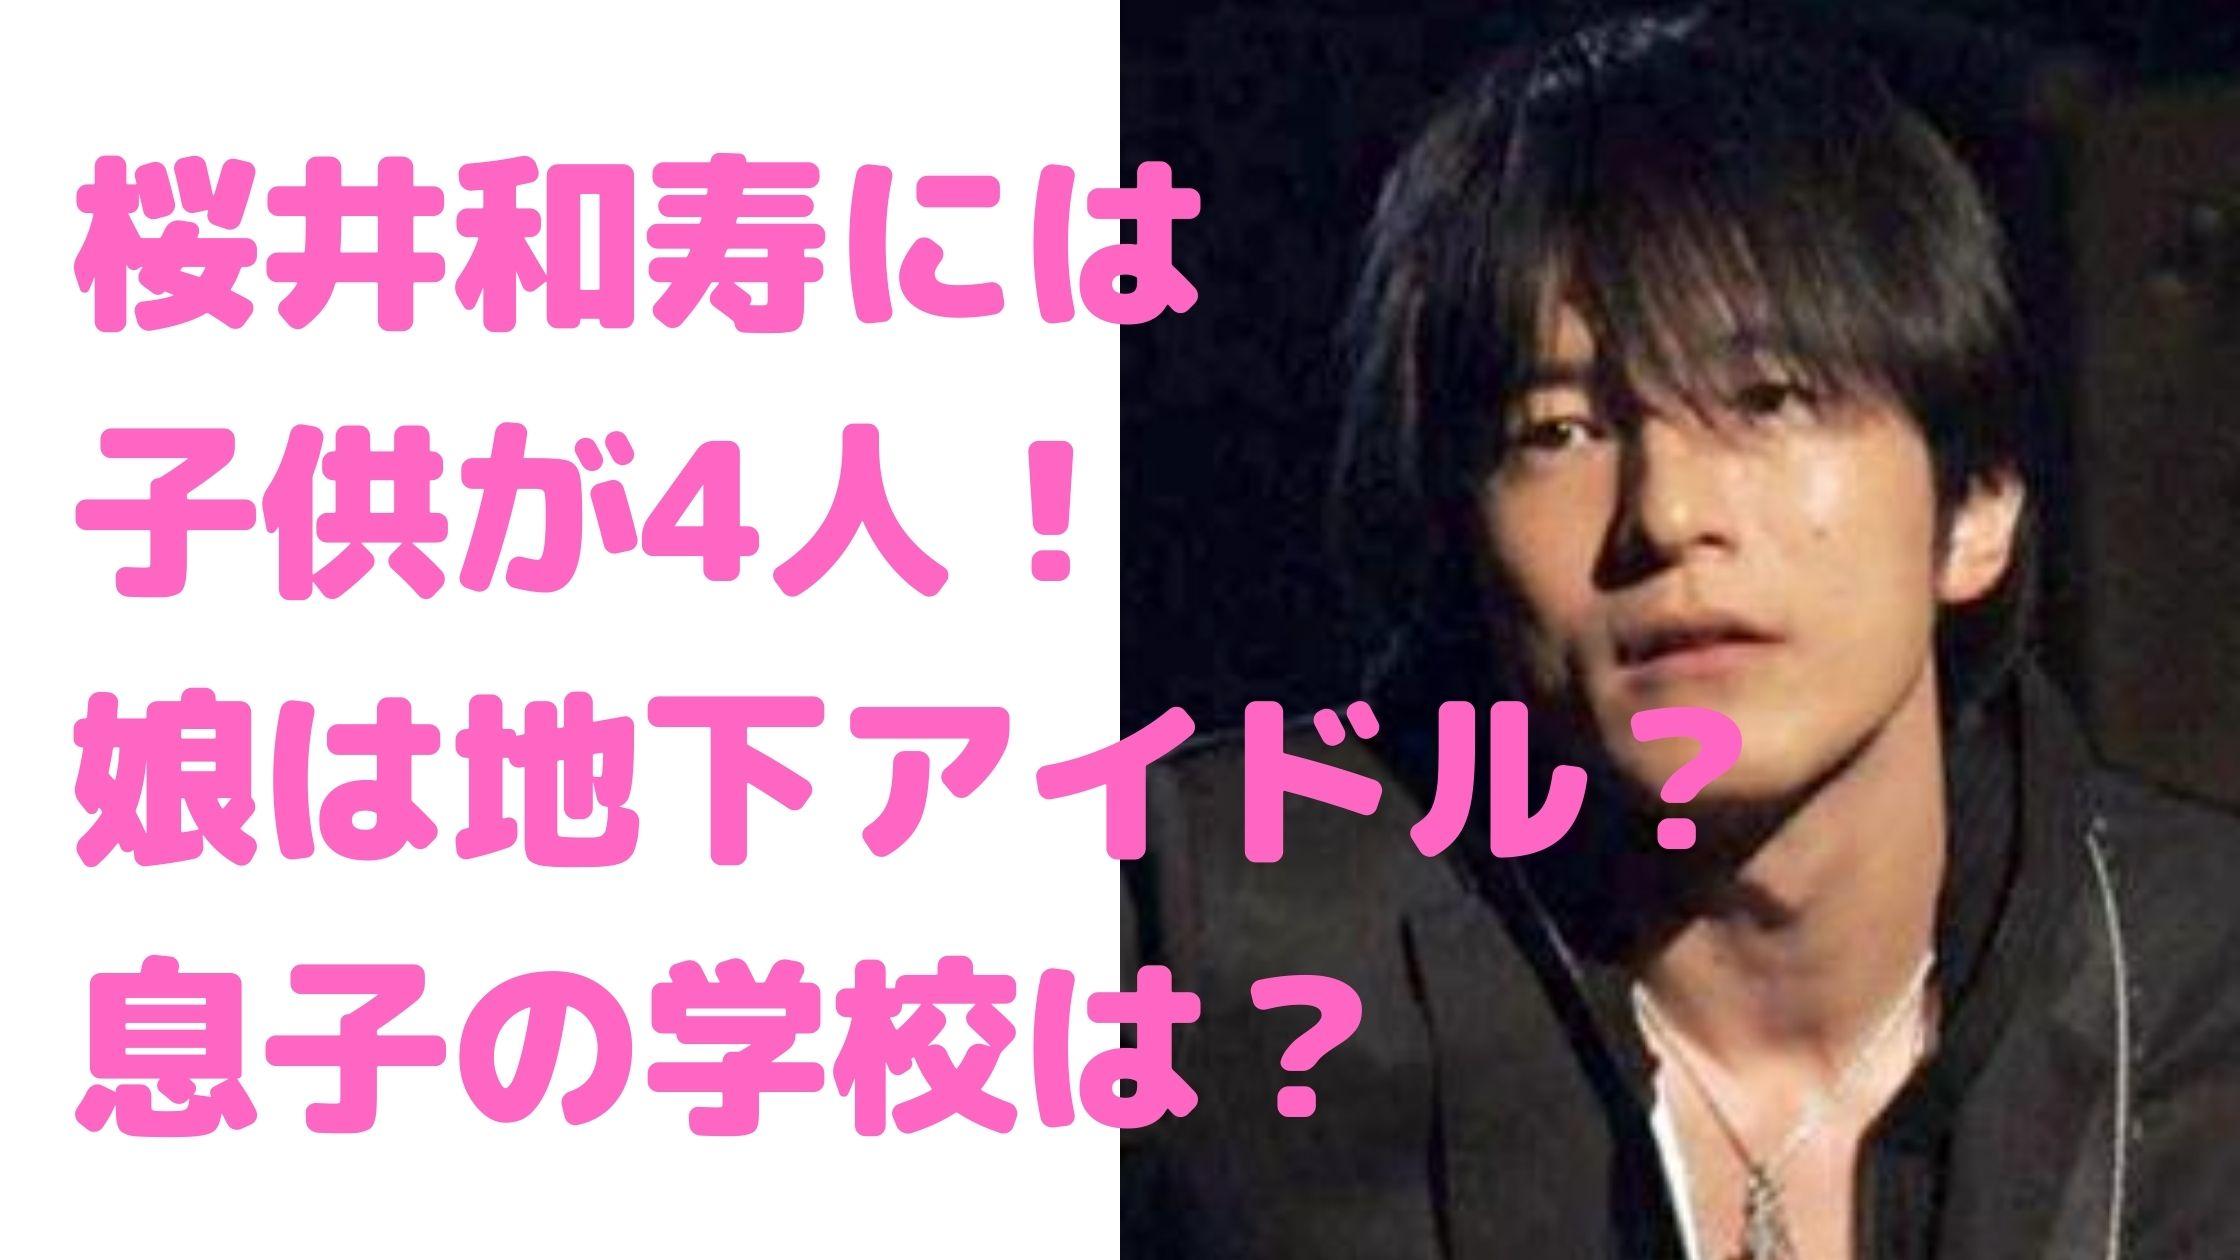 桜井 息子 ミスチル